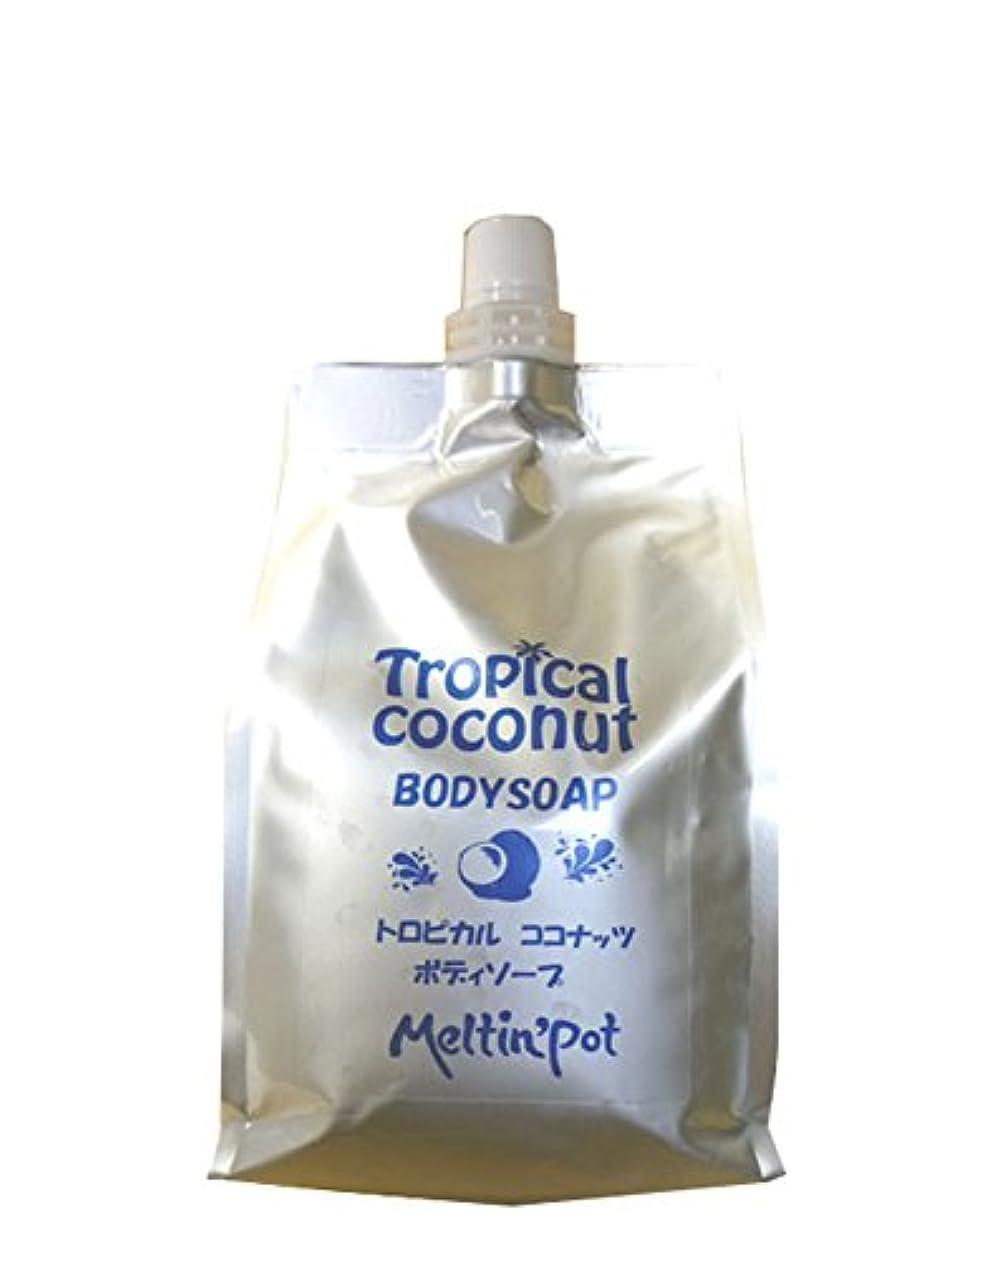 上に築きます散文宿題をするトロピカルココナッツ ボディソープ 1000ml 詰め替え Tropical coconut Body Soap 加齢臭に! [MeltinPot]